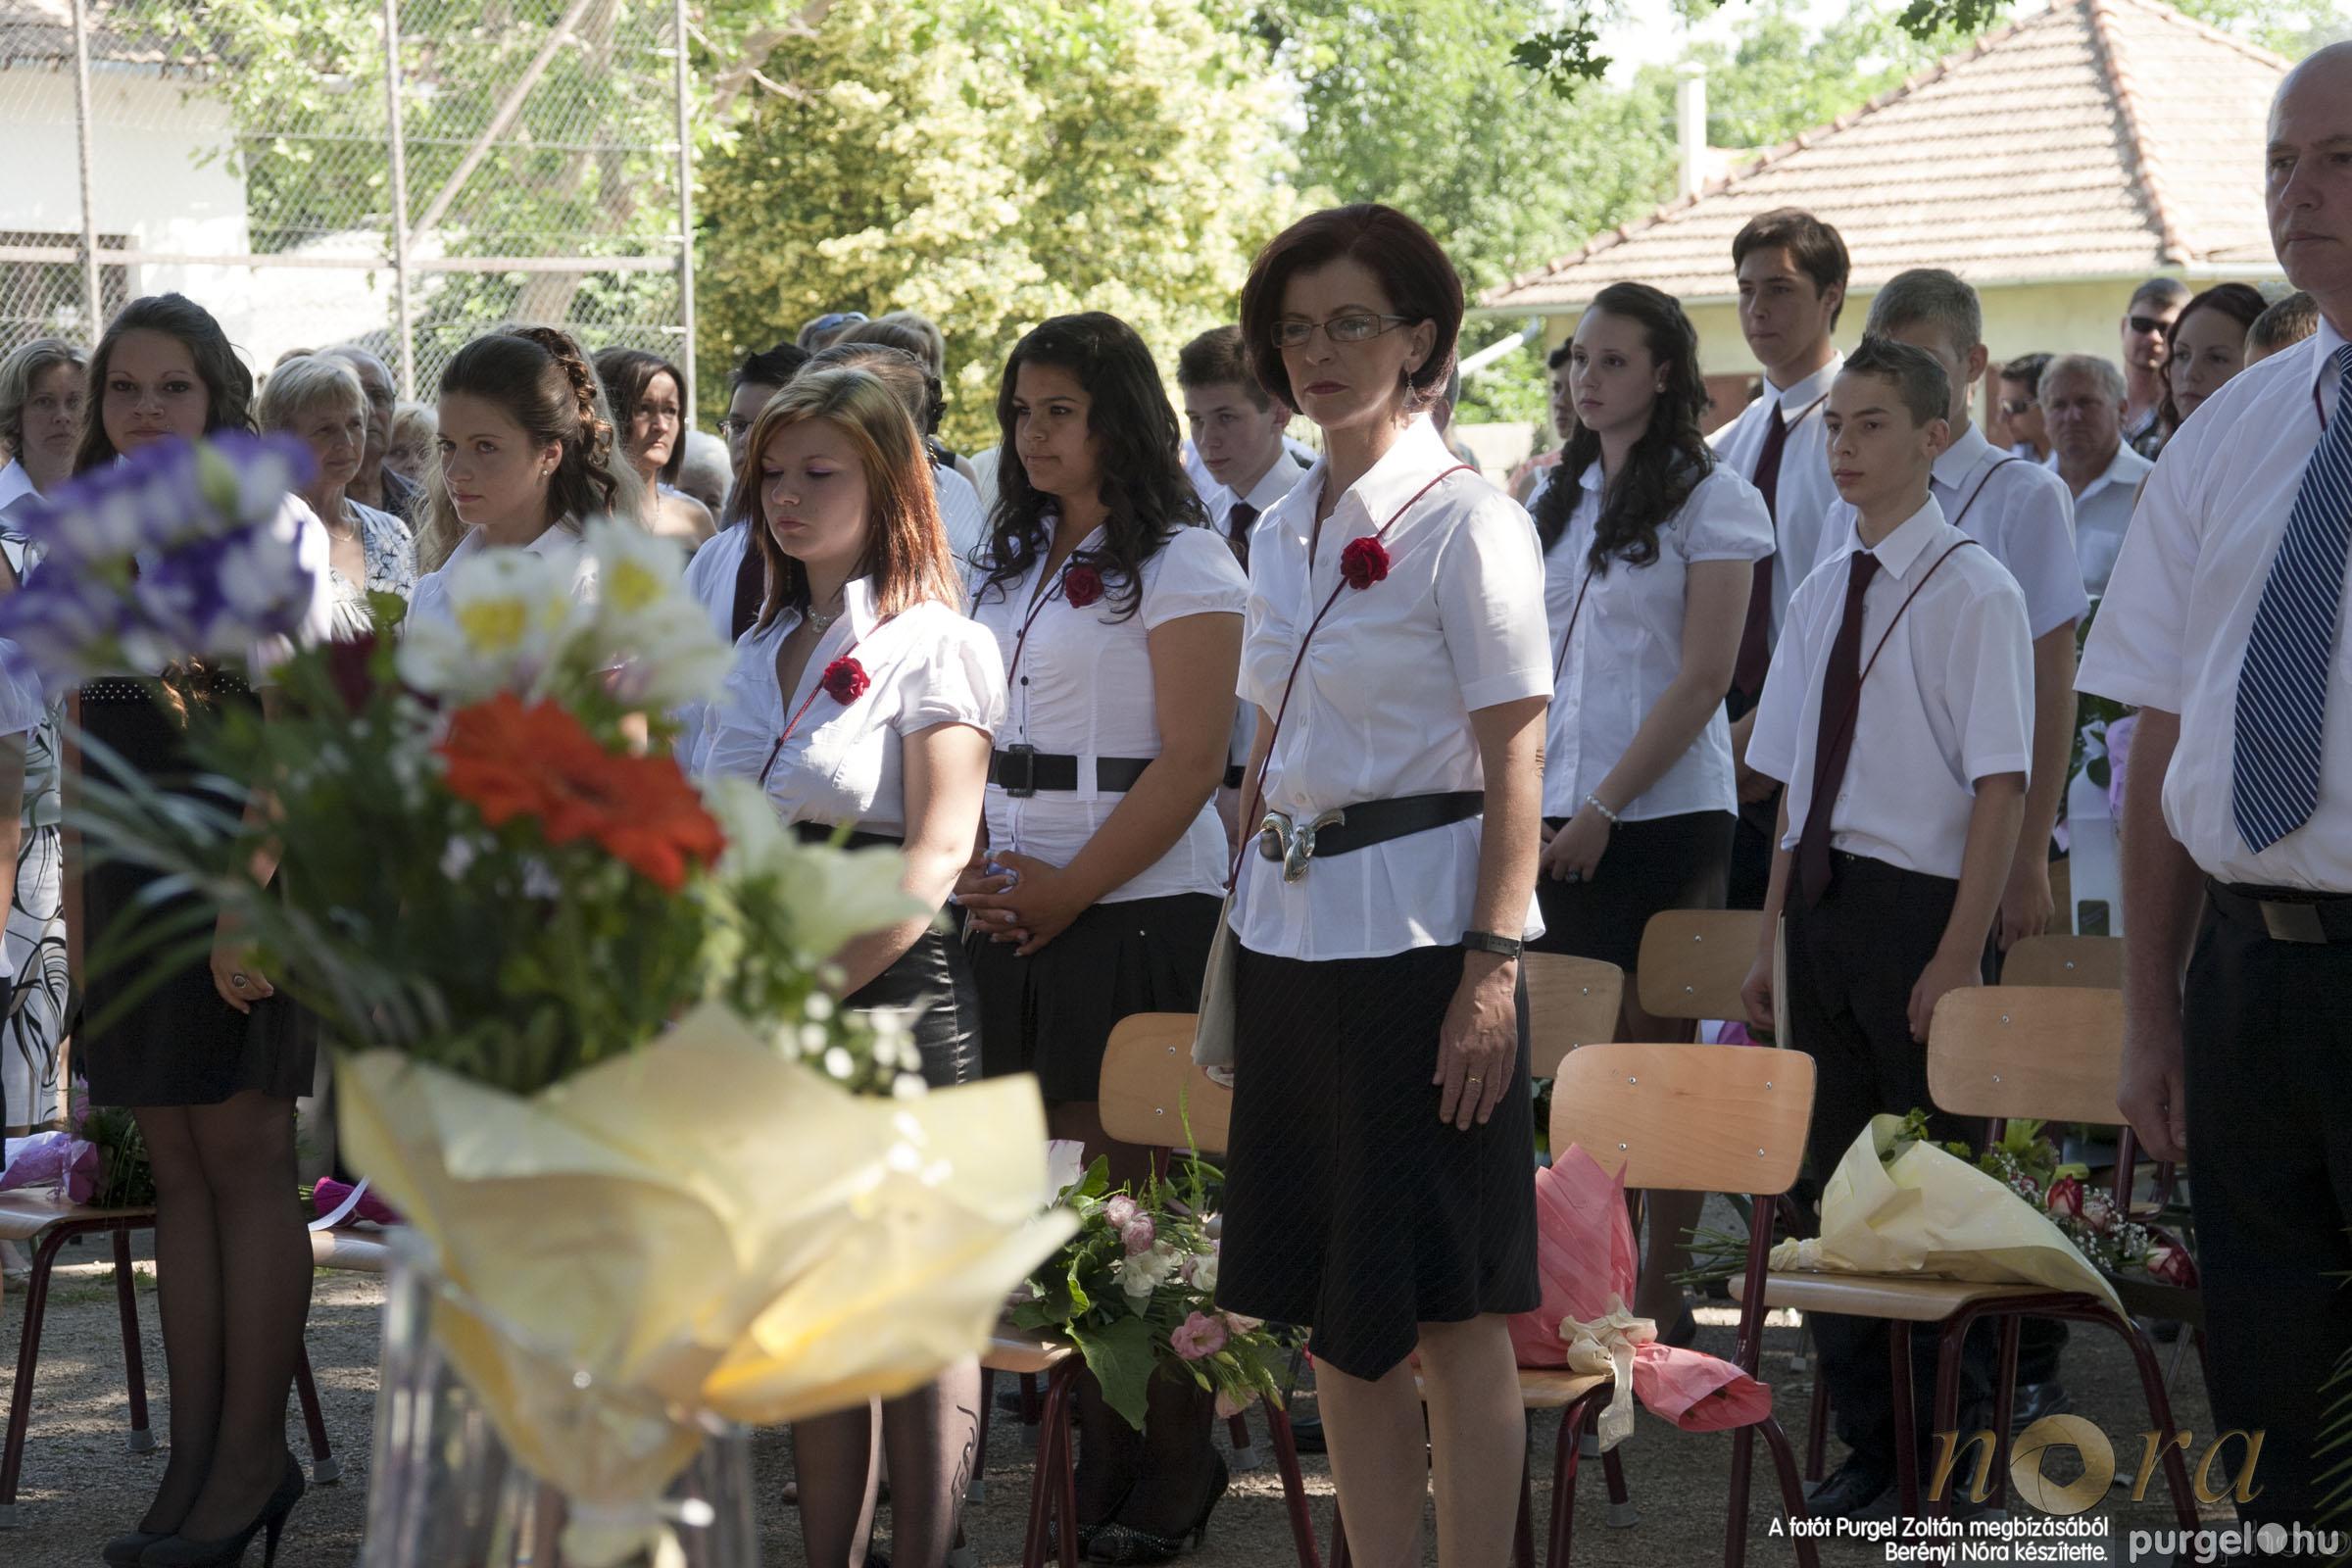 2013.06.15. 169 Forray Máté Általános Iskola ballagás 2013. - Fotó:BERÉNYI NÓRA© _MG_1182.JPG